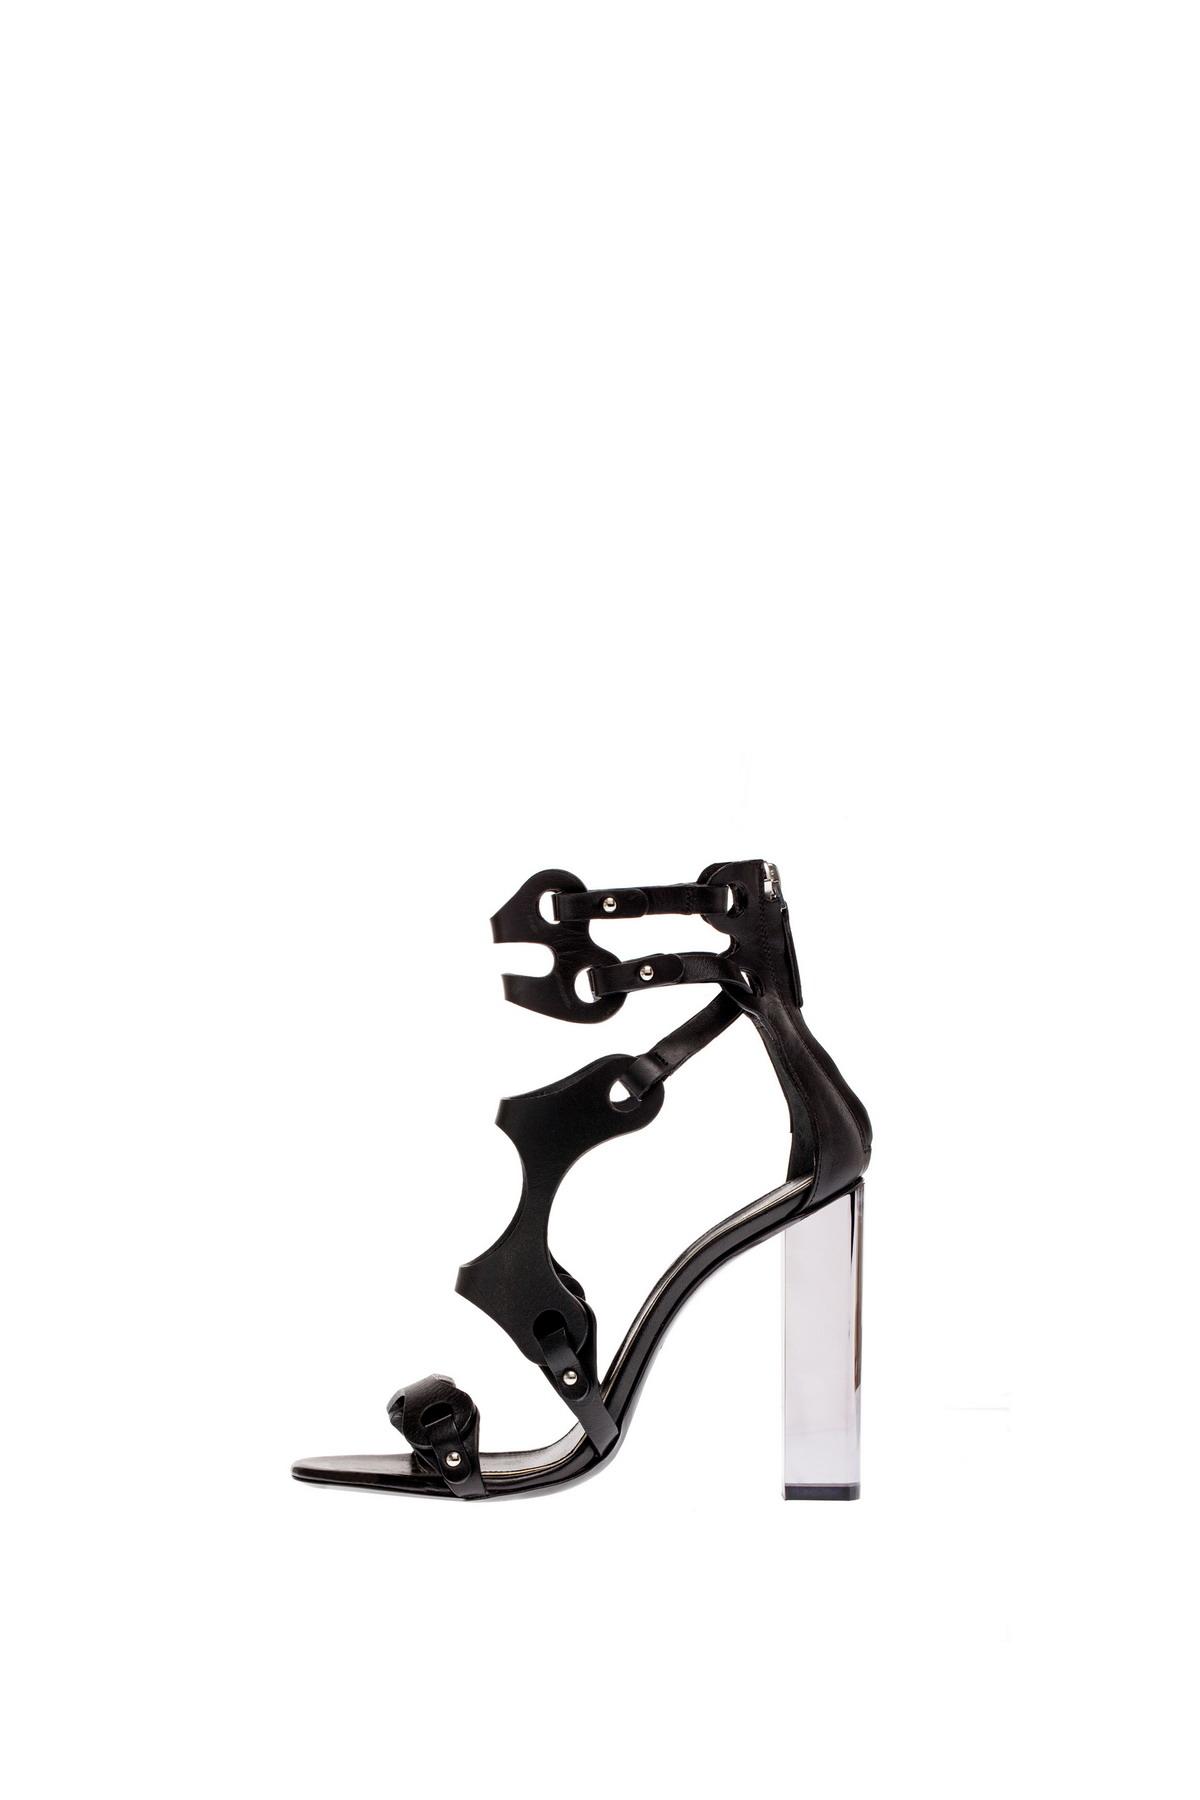 04_EmilioPucci_accessories_SS2015_ridimensionare